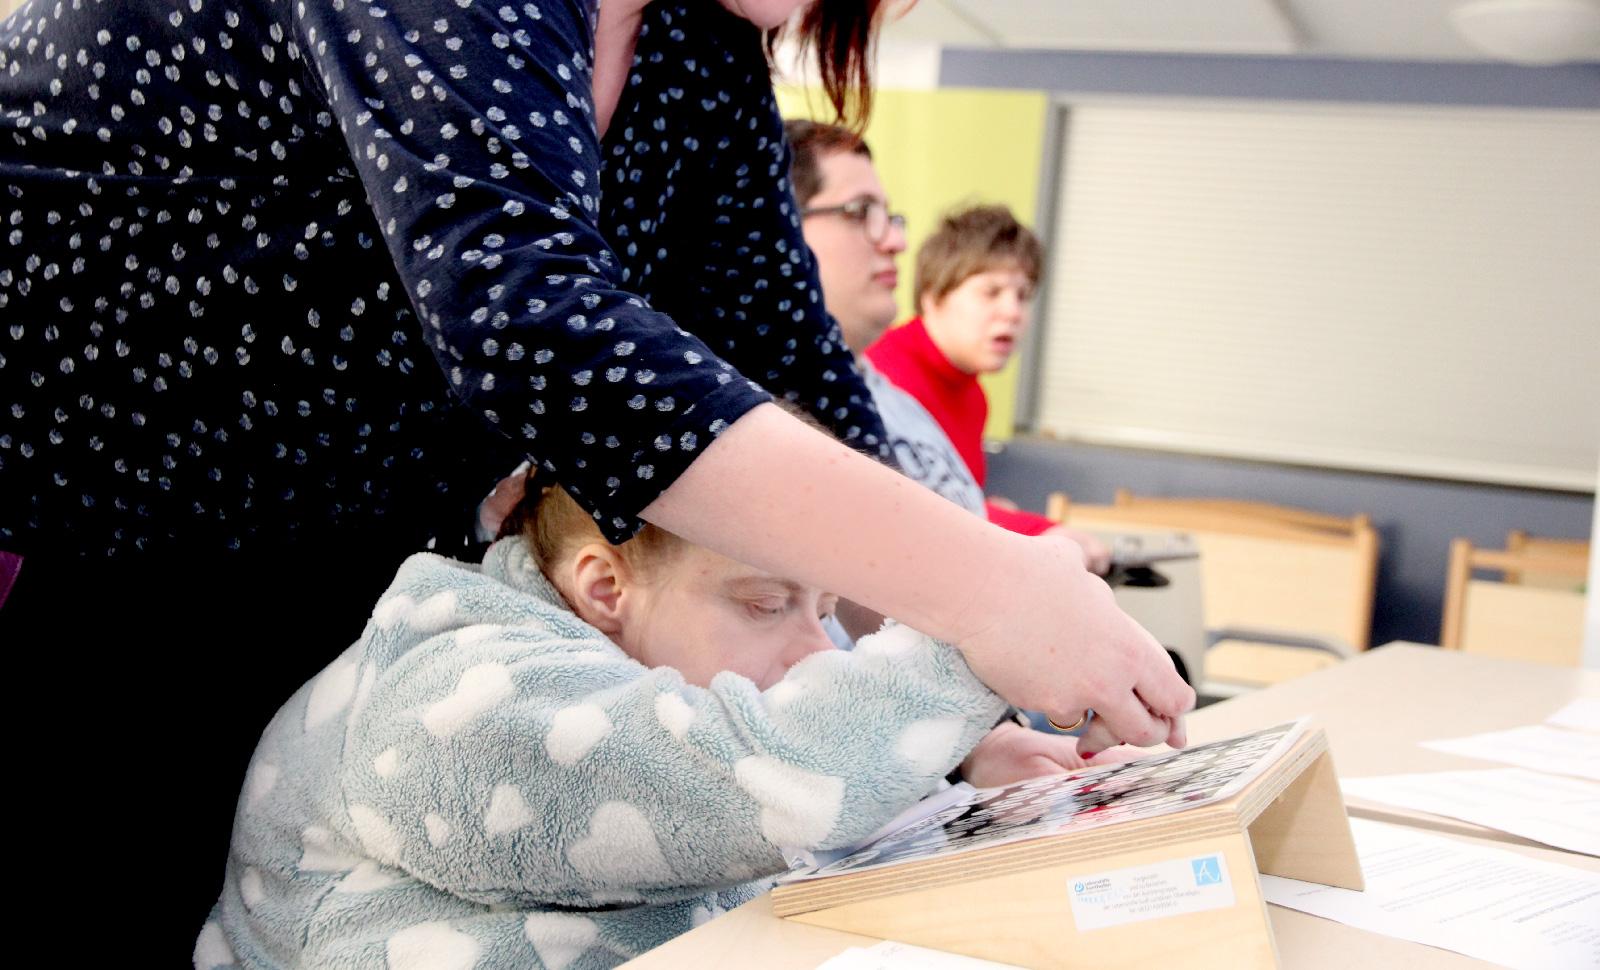 Gestützte Kommunikation, hier mit einer sog. Schreibtafel und eines Begleiters, ermöglicht es Menschen mit mehrfacher Behinderung zu kommunizieren.